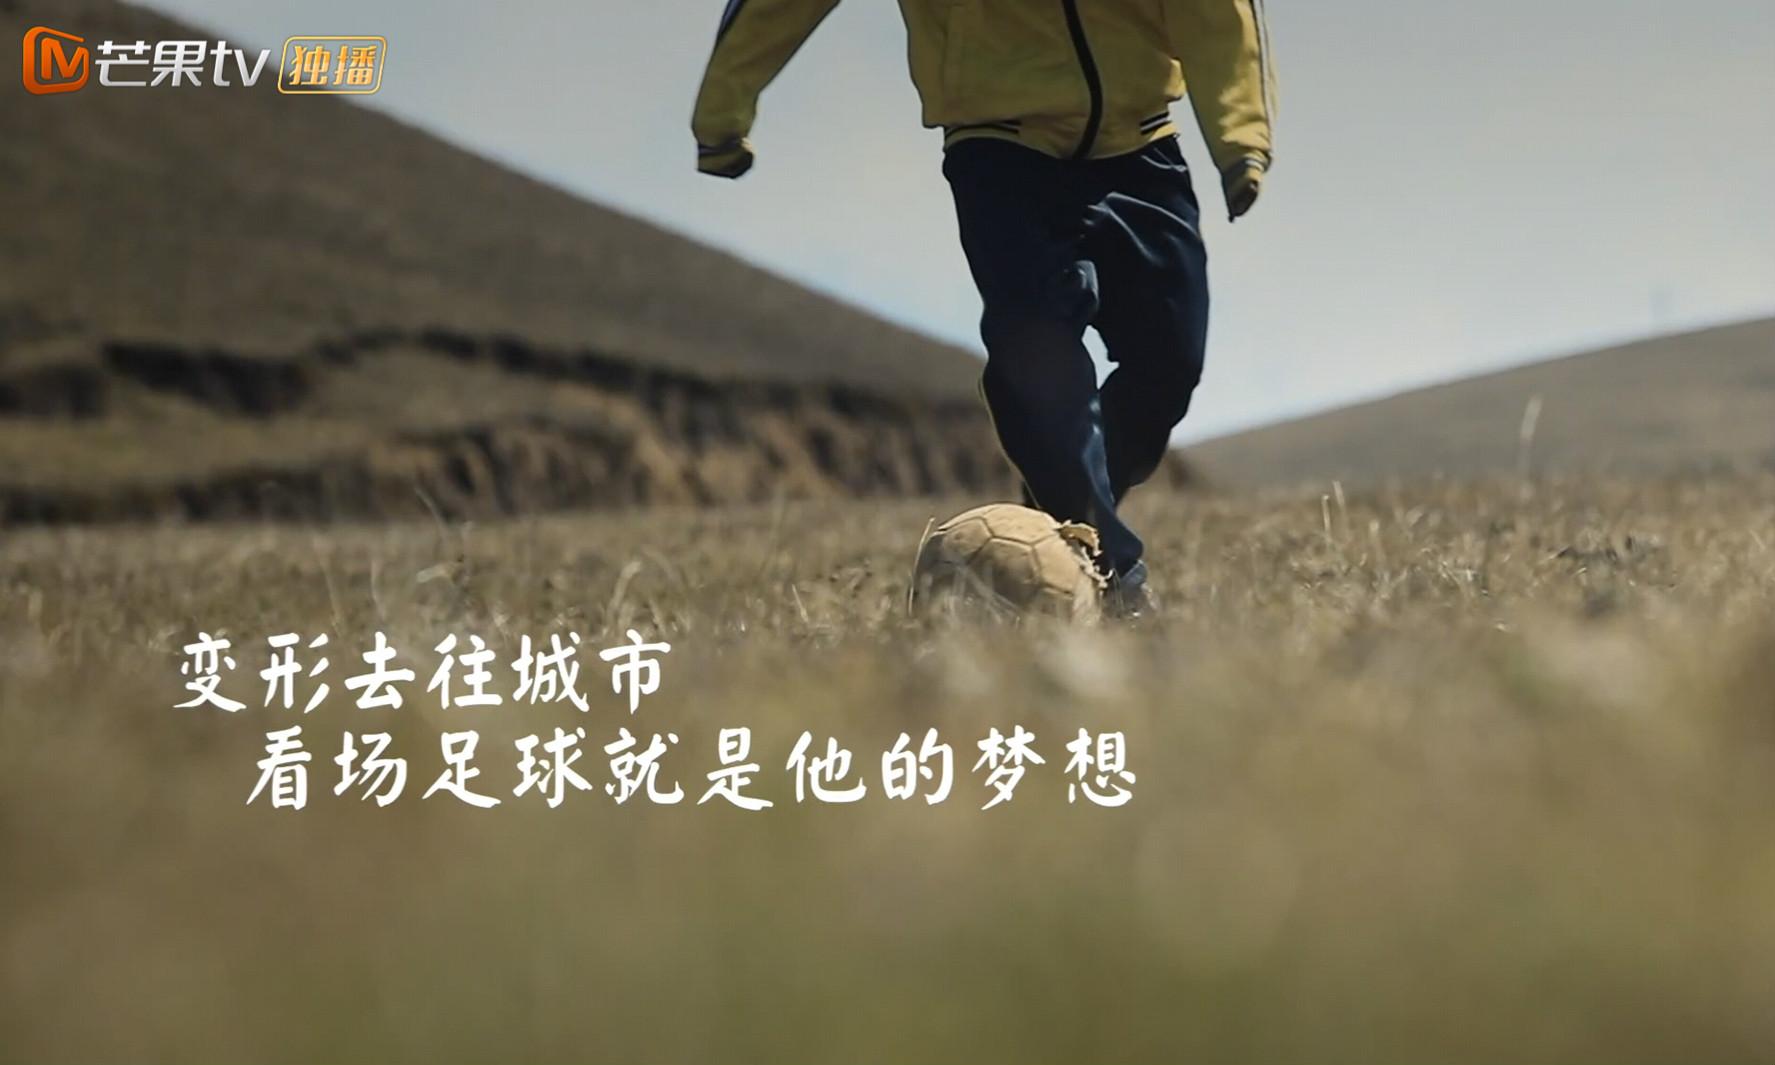 《变形计》云南足球小子在球场踢球 梦想实现第一步